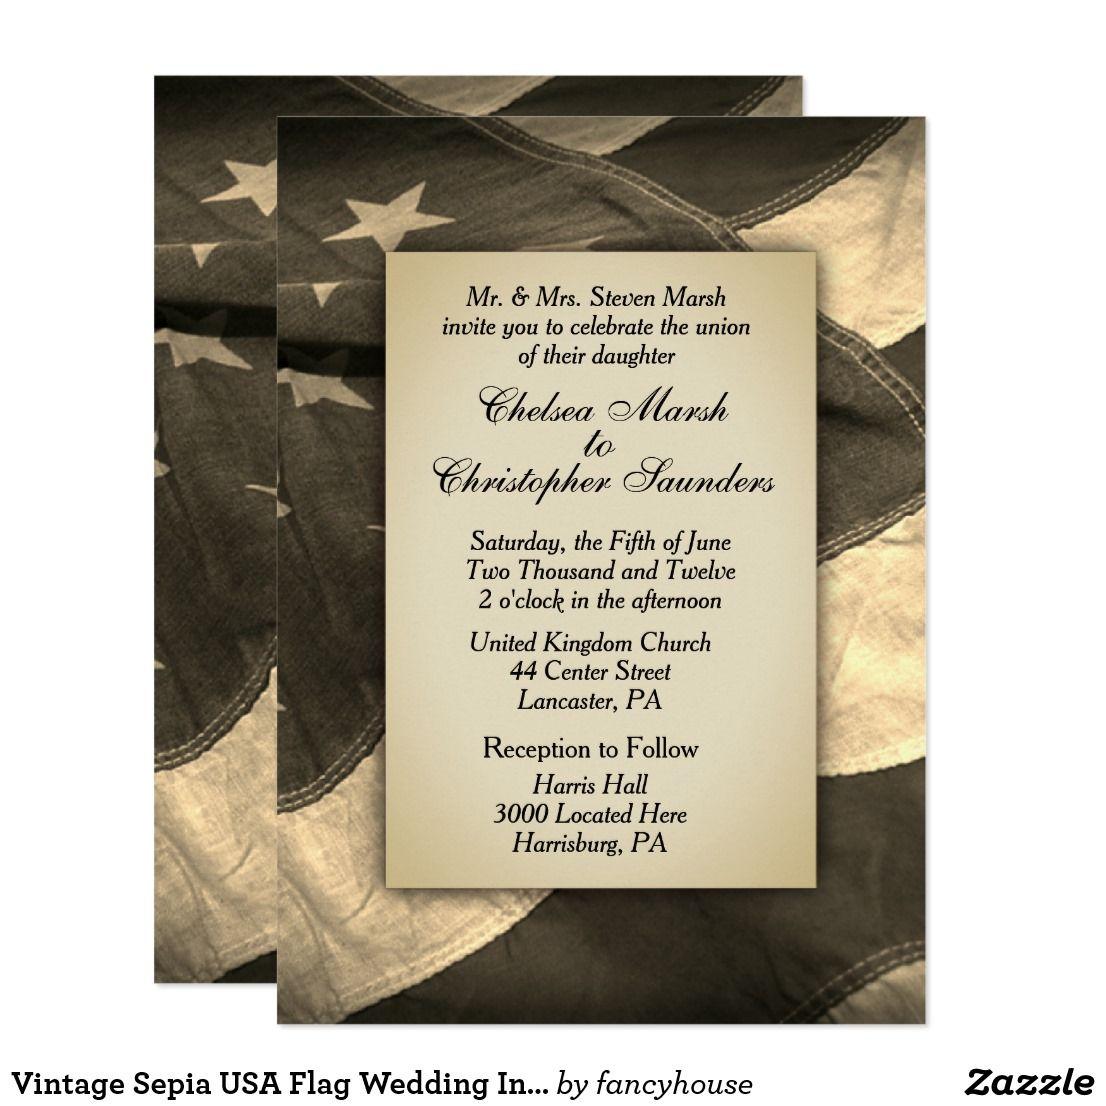 Vintage Sepia USA Flag Wedding Invitation | Usa flag and Weddings